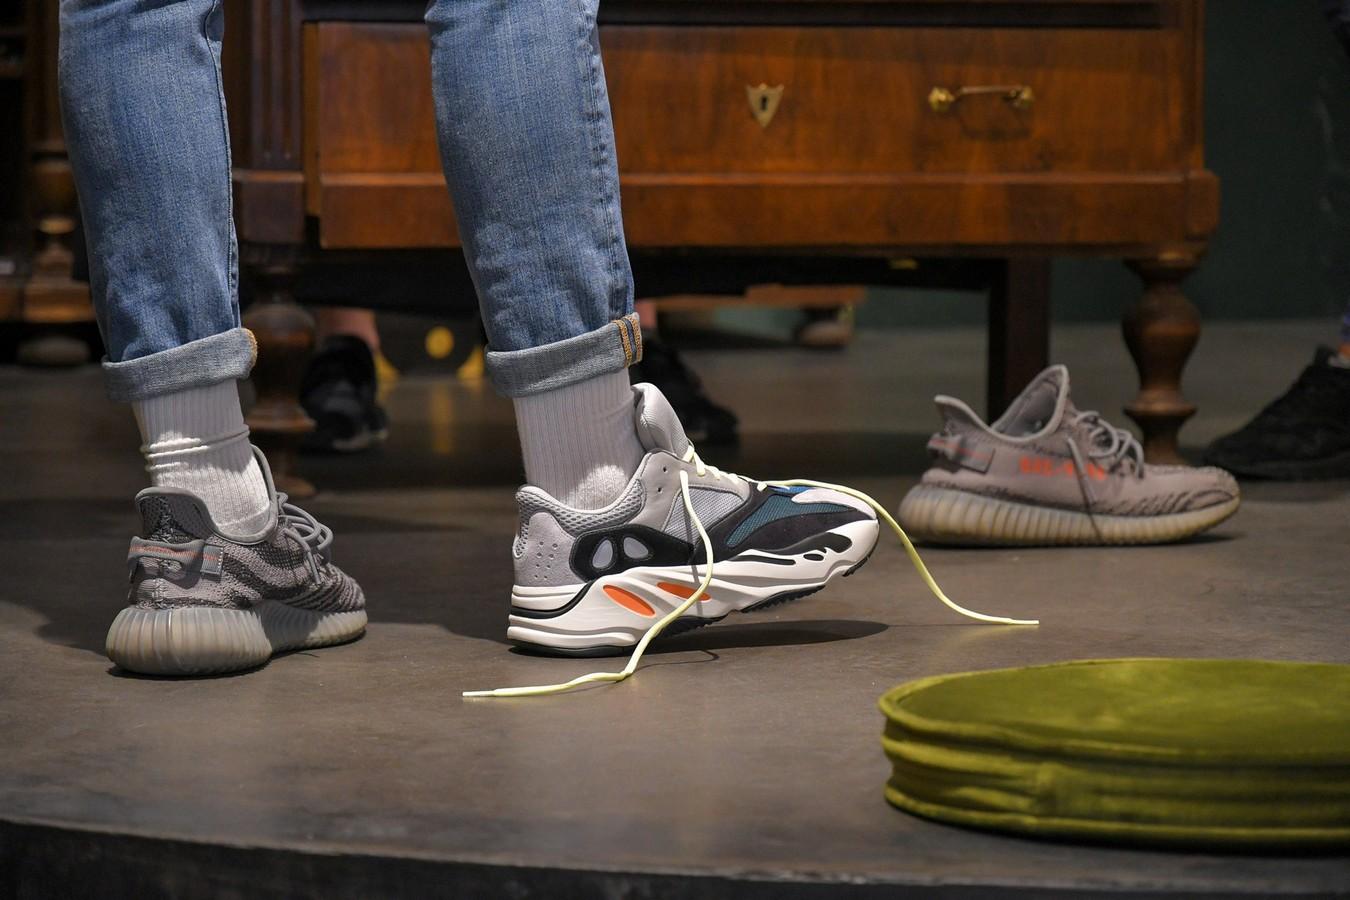 ديناميكي لمح تنتهك Nike Kanye West Cena Sjvbca Org